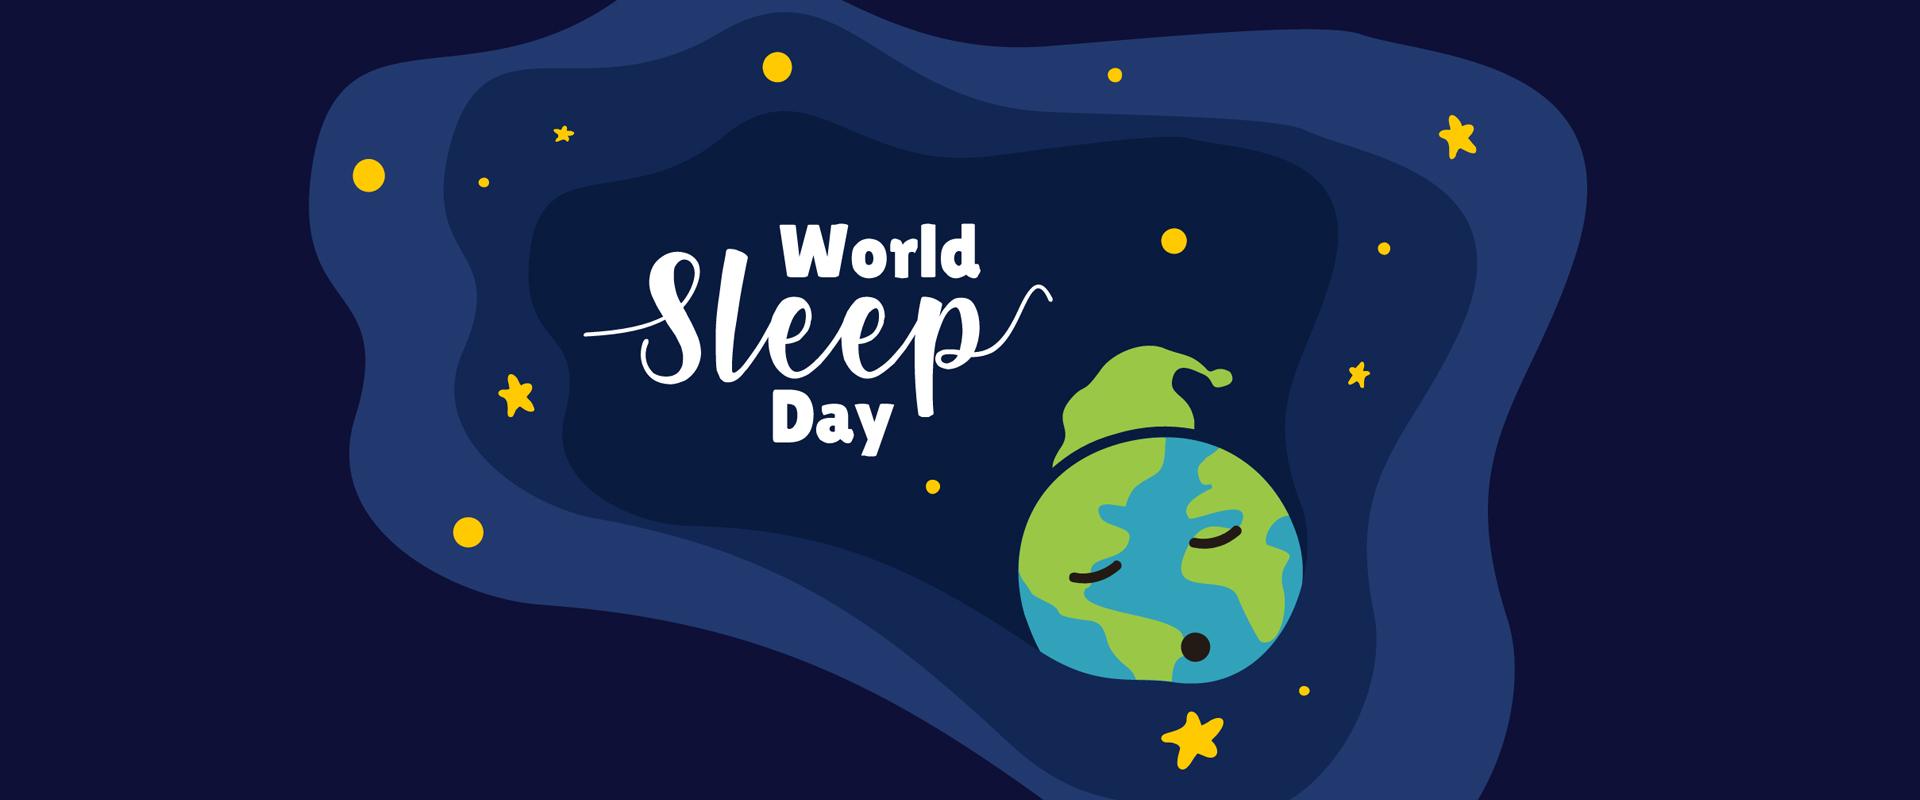 día mundial del sueño marzo 2021